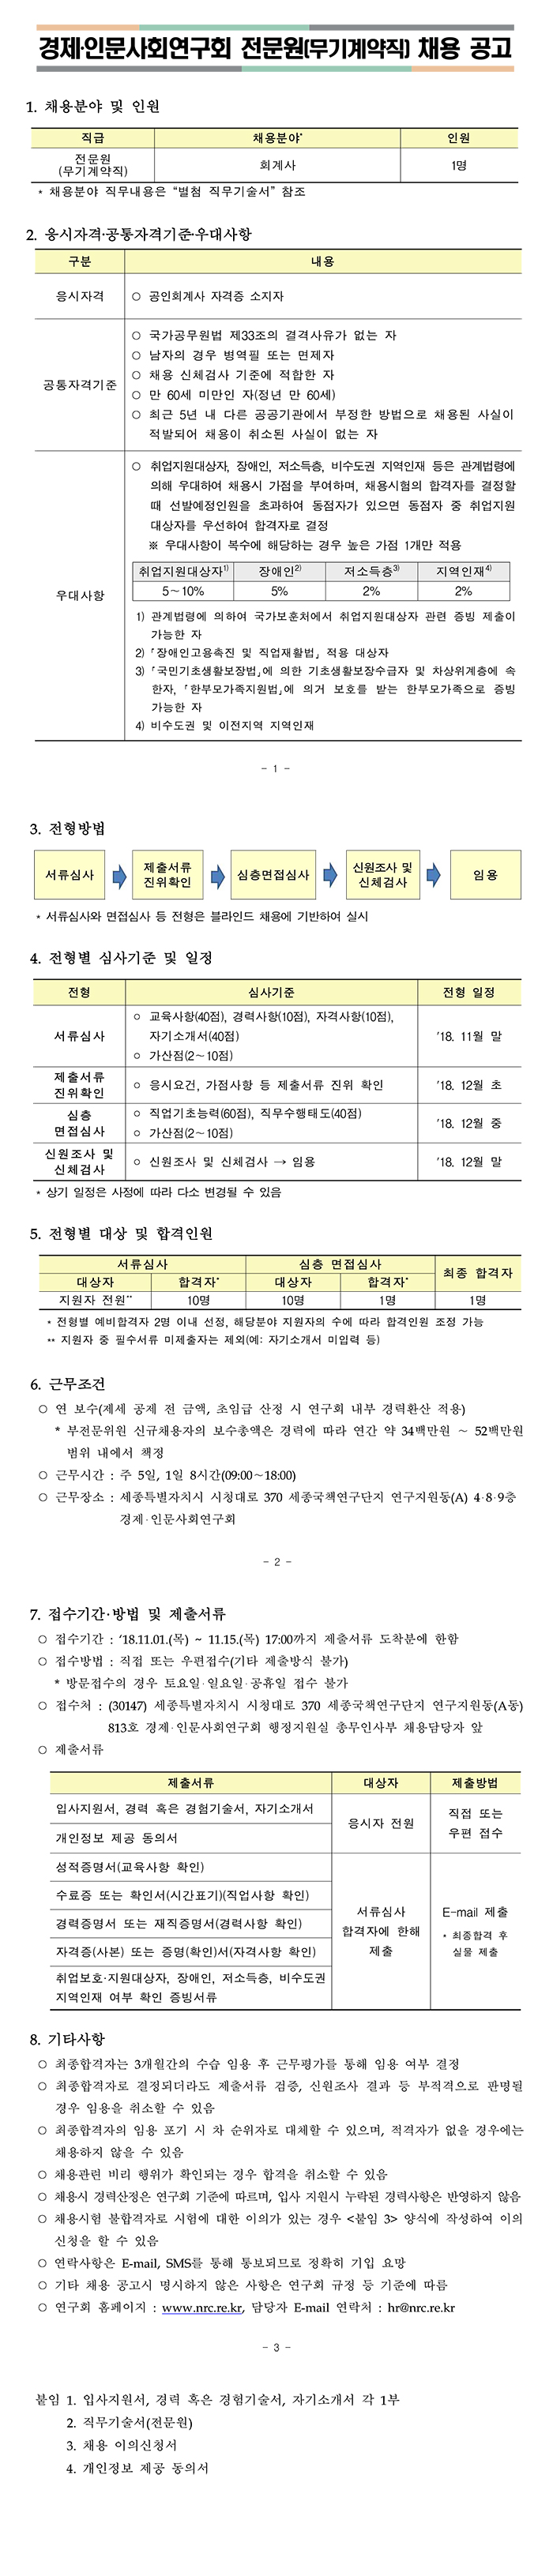 [경제·인문사회연구회] 전문원(무기계약직) 채용 공고